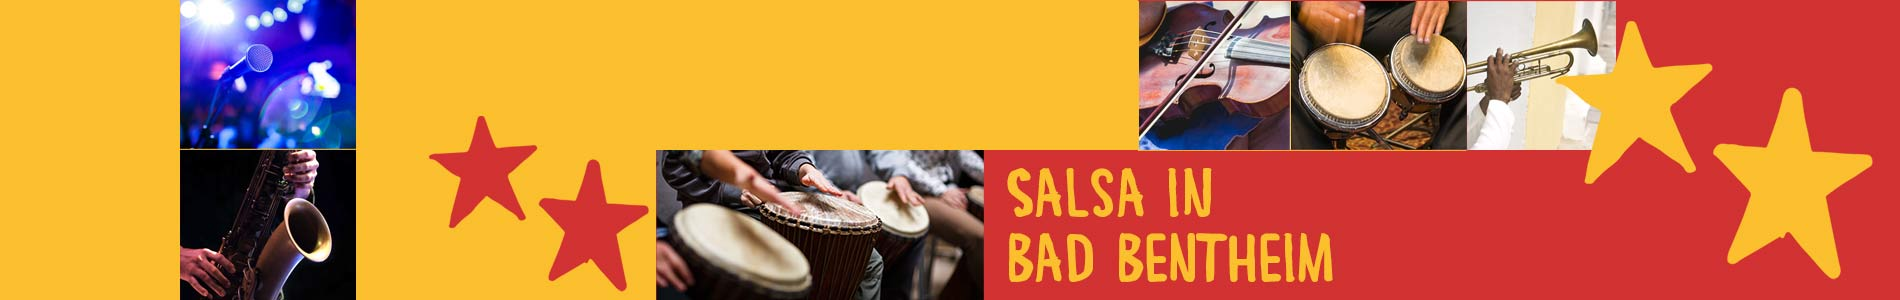 Salsa in Bad Bentheim – Salsa lernen und tanzen, Tanzkurse, Partys, Veranstaltungen